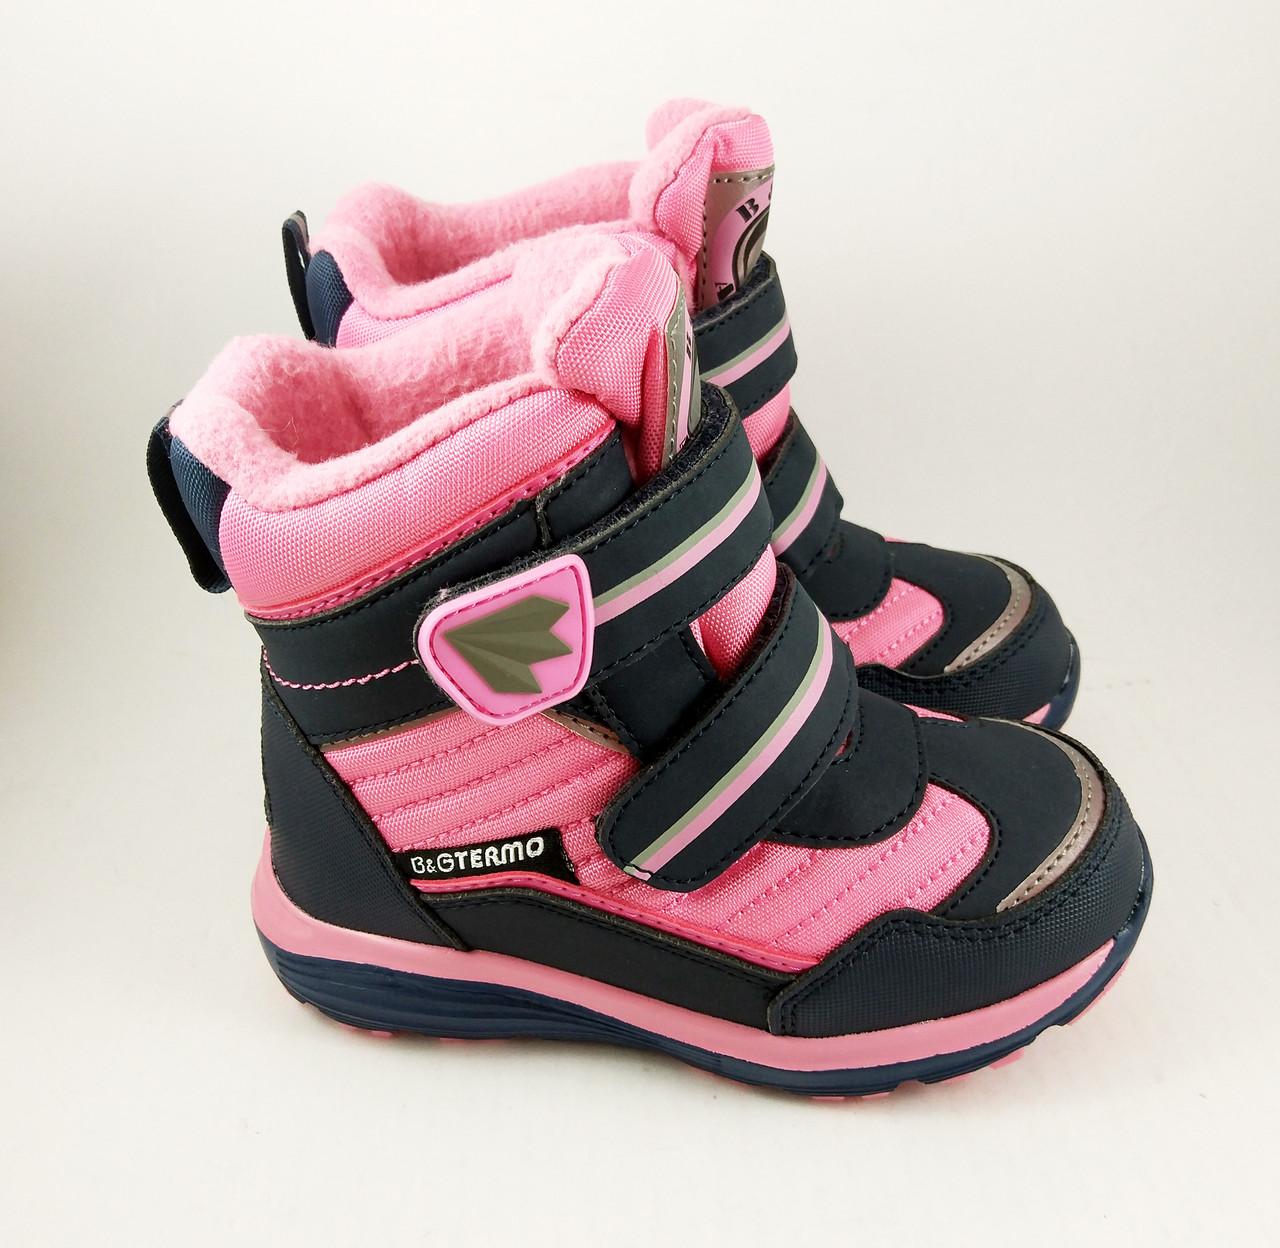 662c5f2f495bf9 Термоботинки B&G-Termo для девочек, зимняя обувь детская, черно-розовые